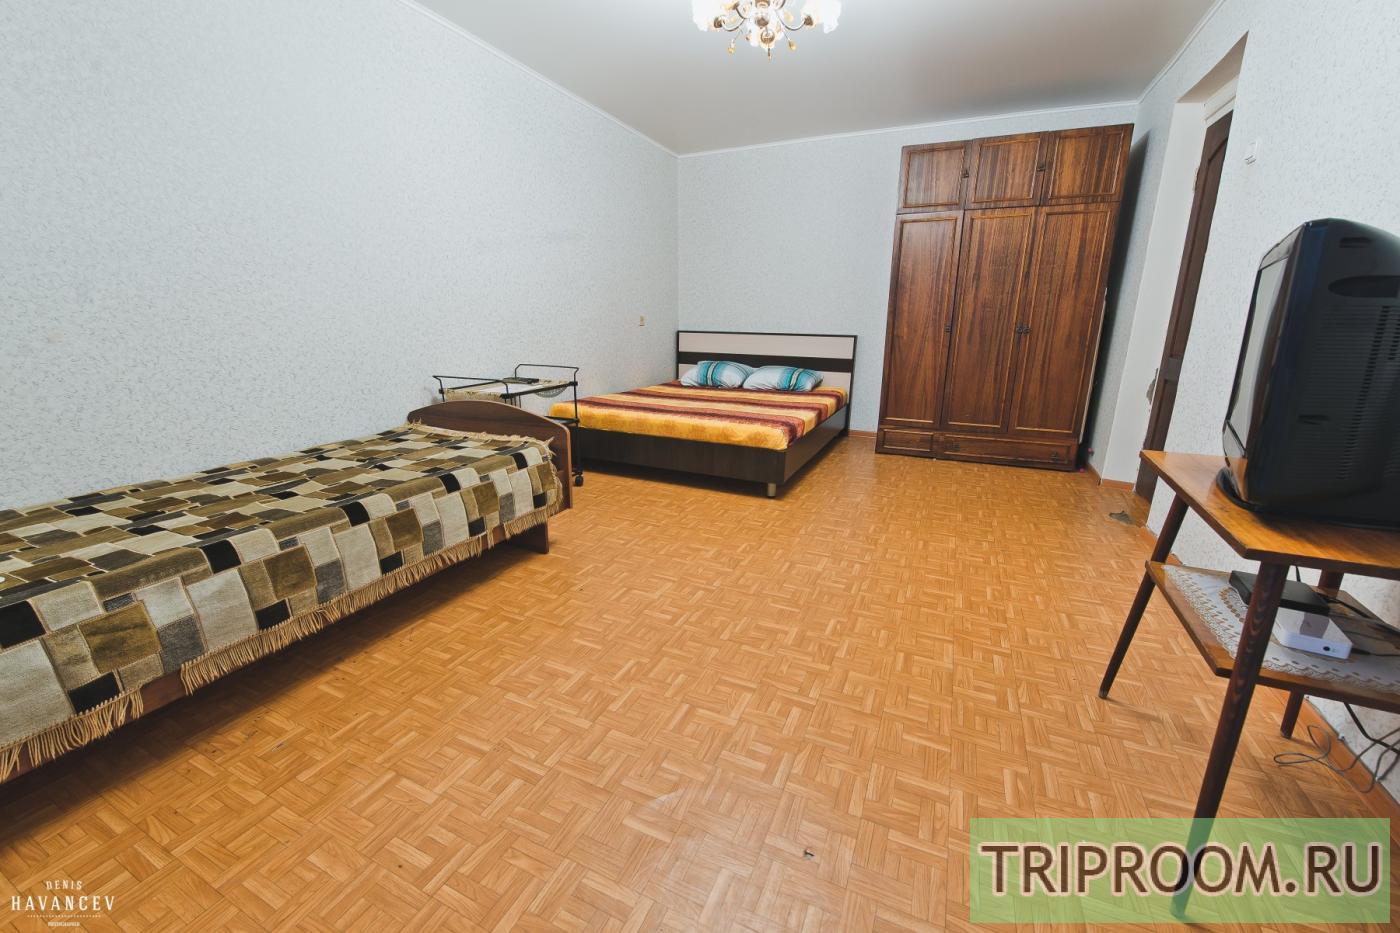 1-комнатная квартира посуточно (вариант № 14826), ул. Радищева улица, фото № 3